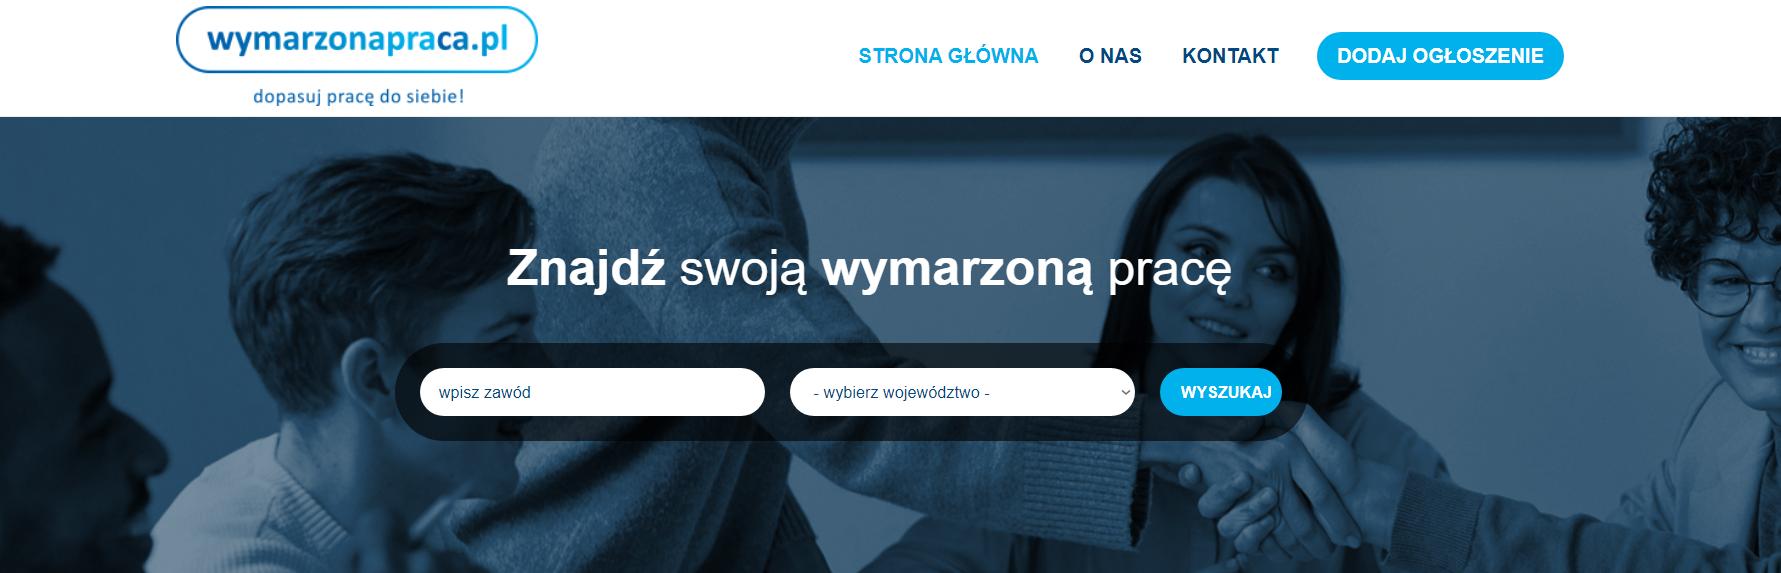 Strona internetowa z ofertami pracy